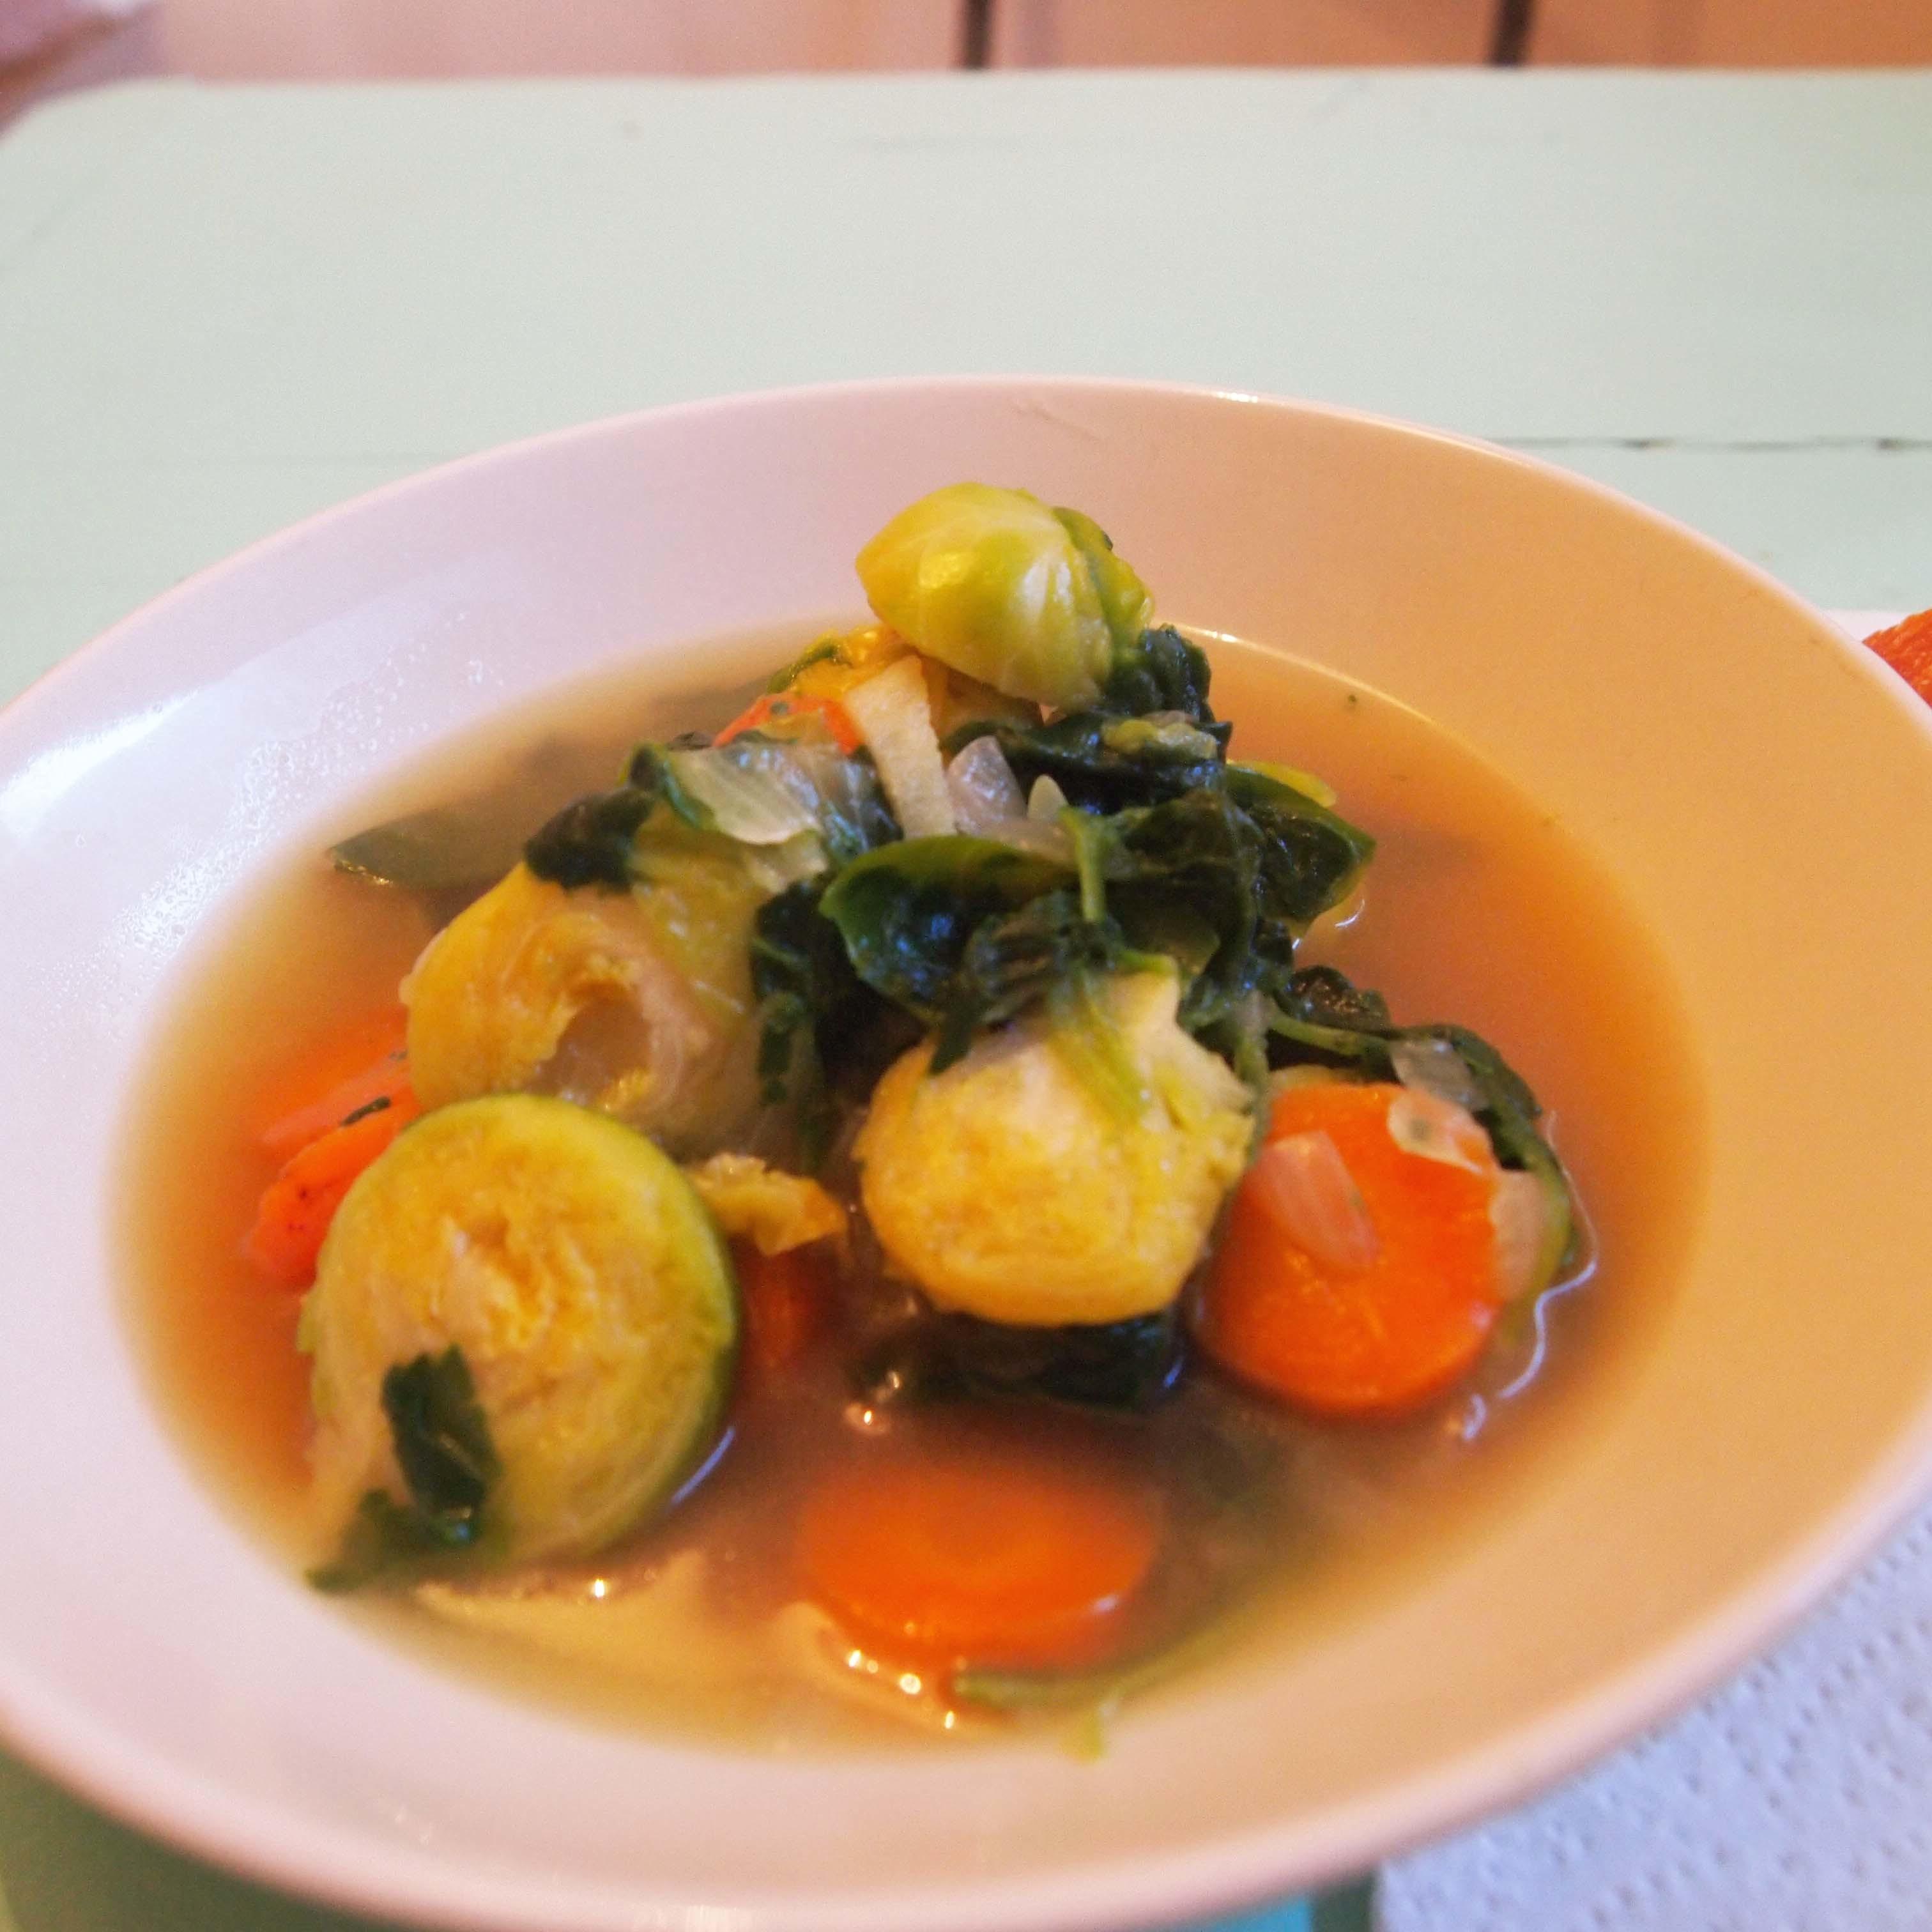 マルシェで買い物して料理をする_b0378101_14502026.jpg